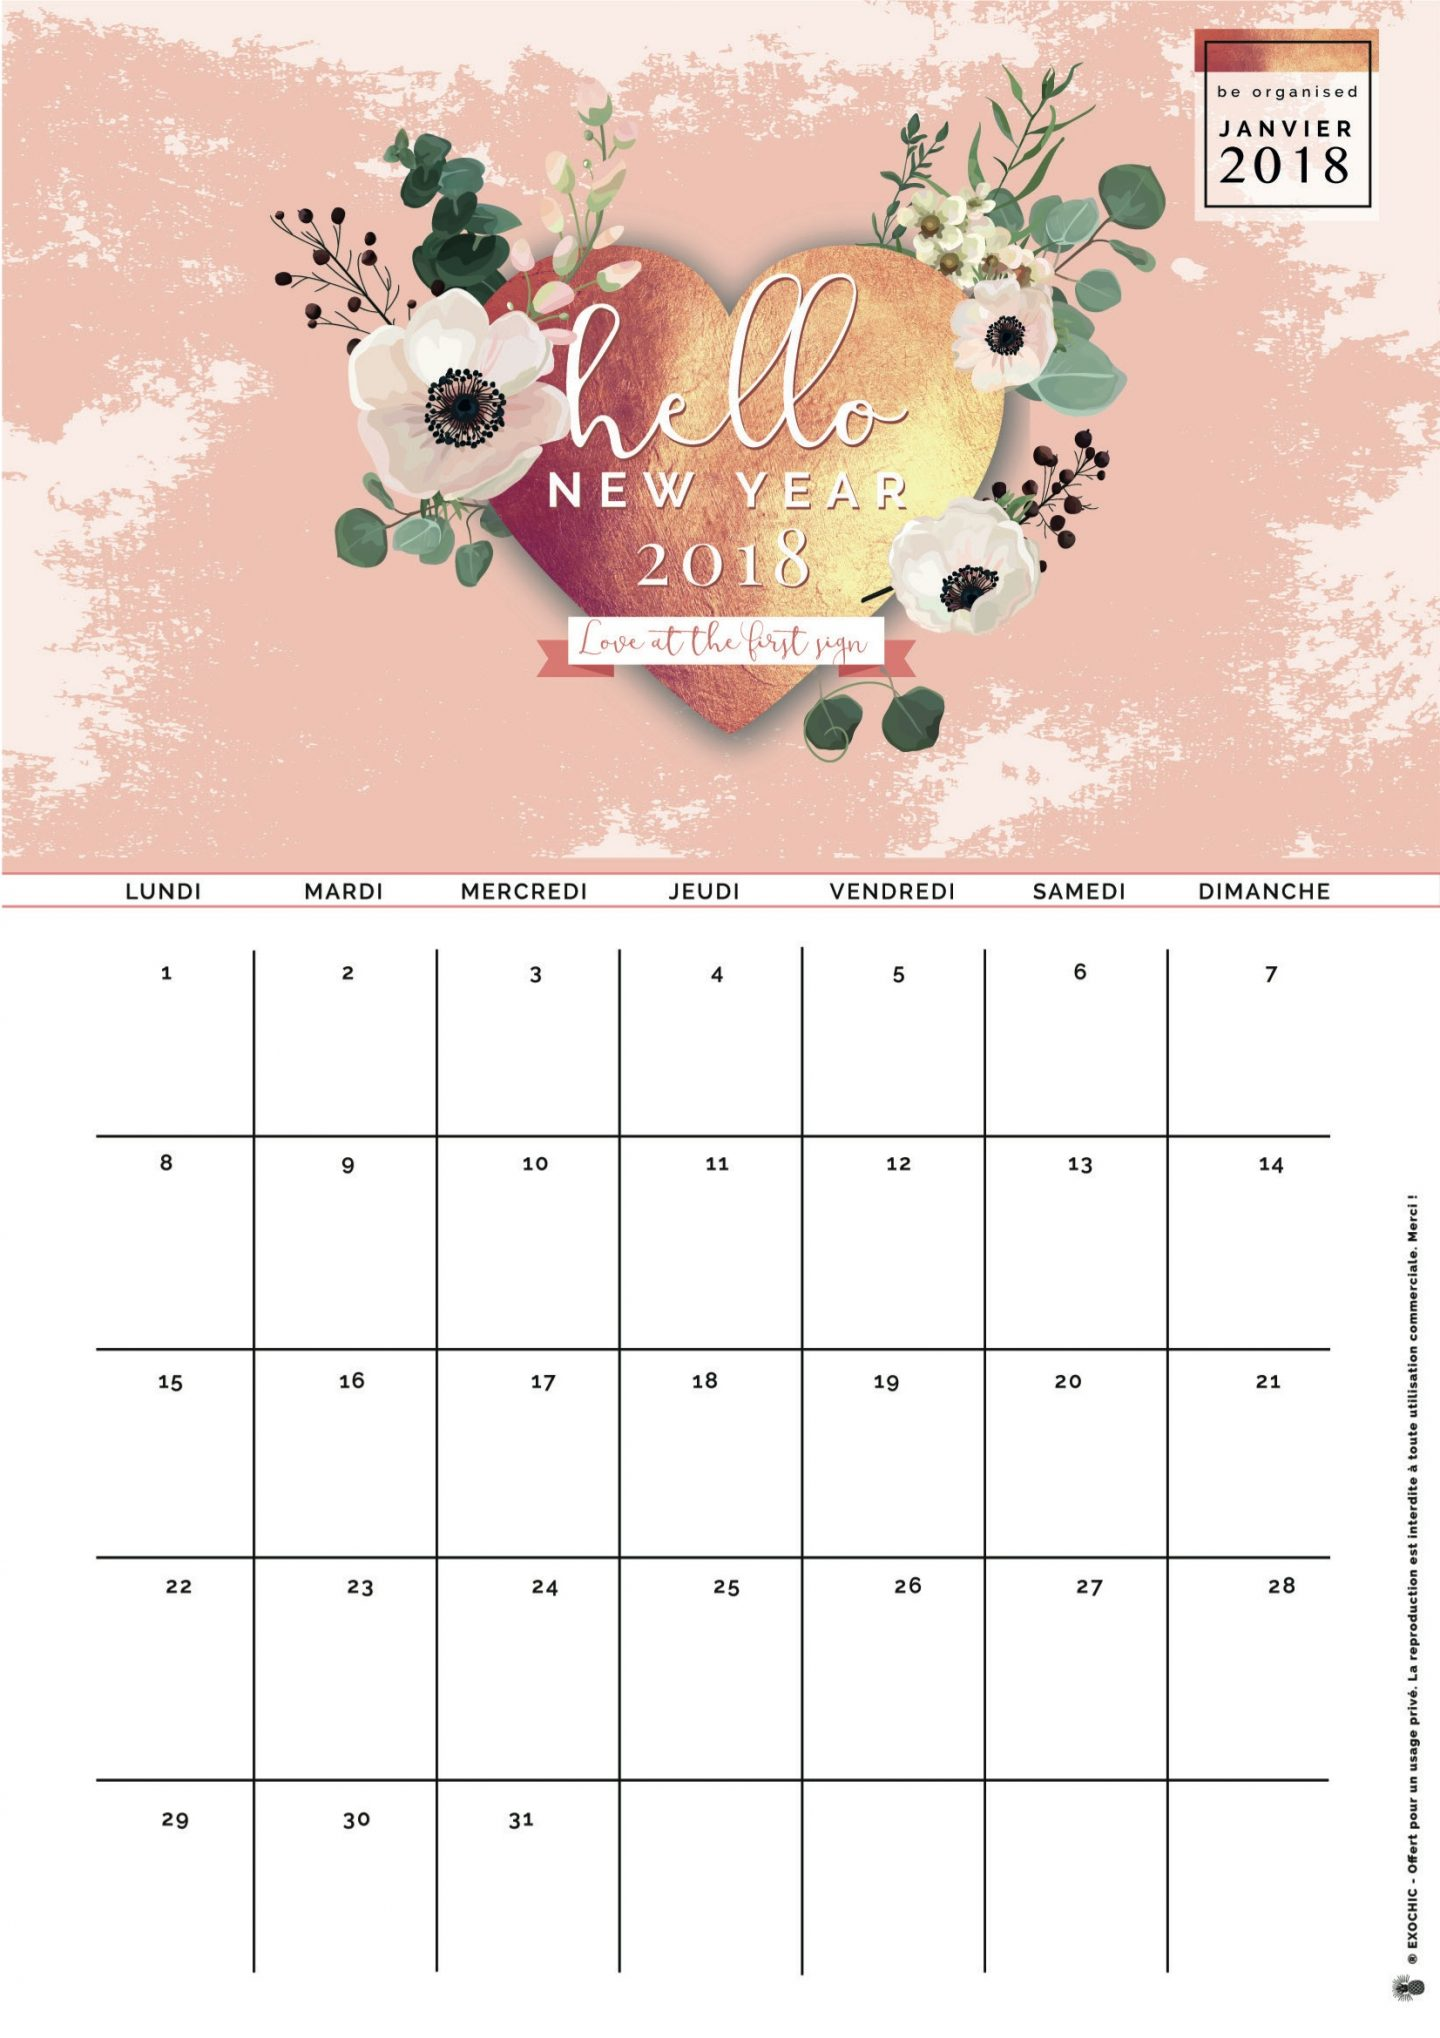 Air Chic Design:disque externe:EXOChic:1 -POSTS:1 - ARTICLES:2018:01- JANVIER:01 FOnd ecran calendrier:papier:calendrier fond ecran janvier 2018 .pdf